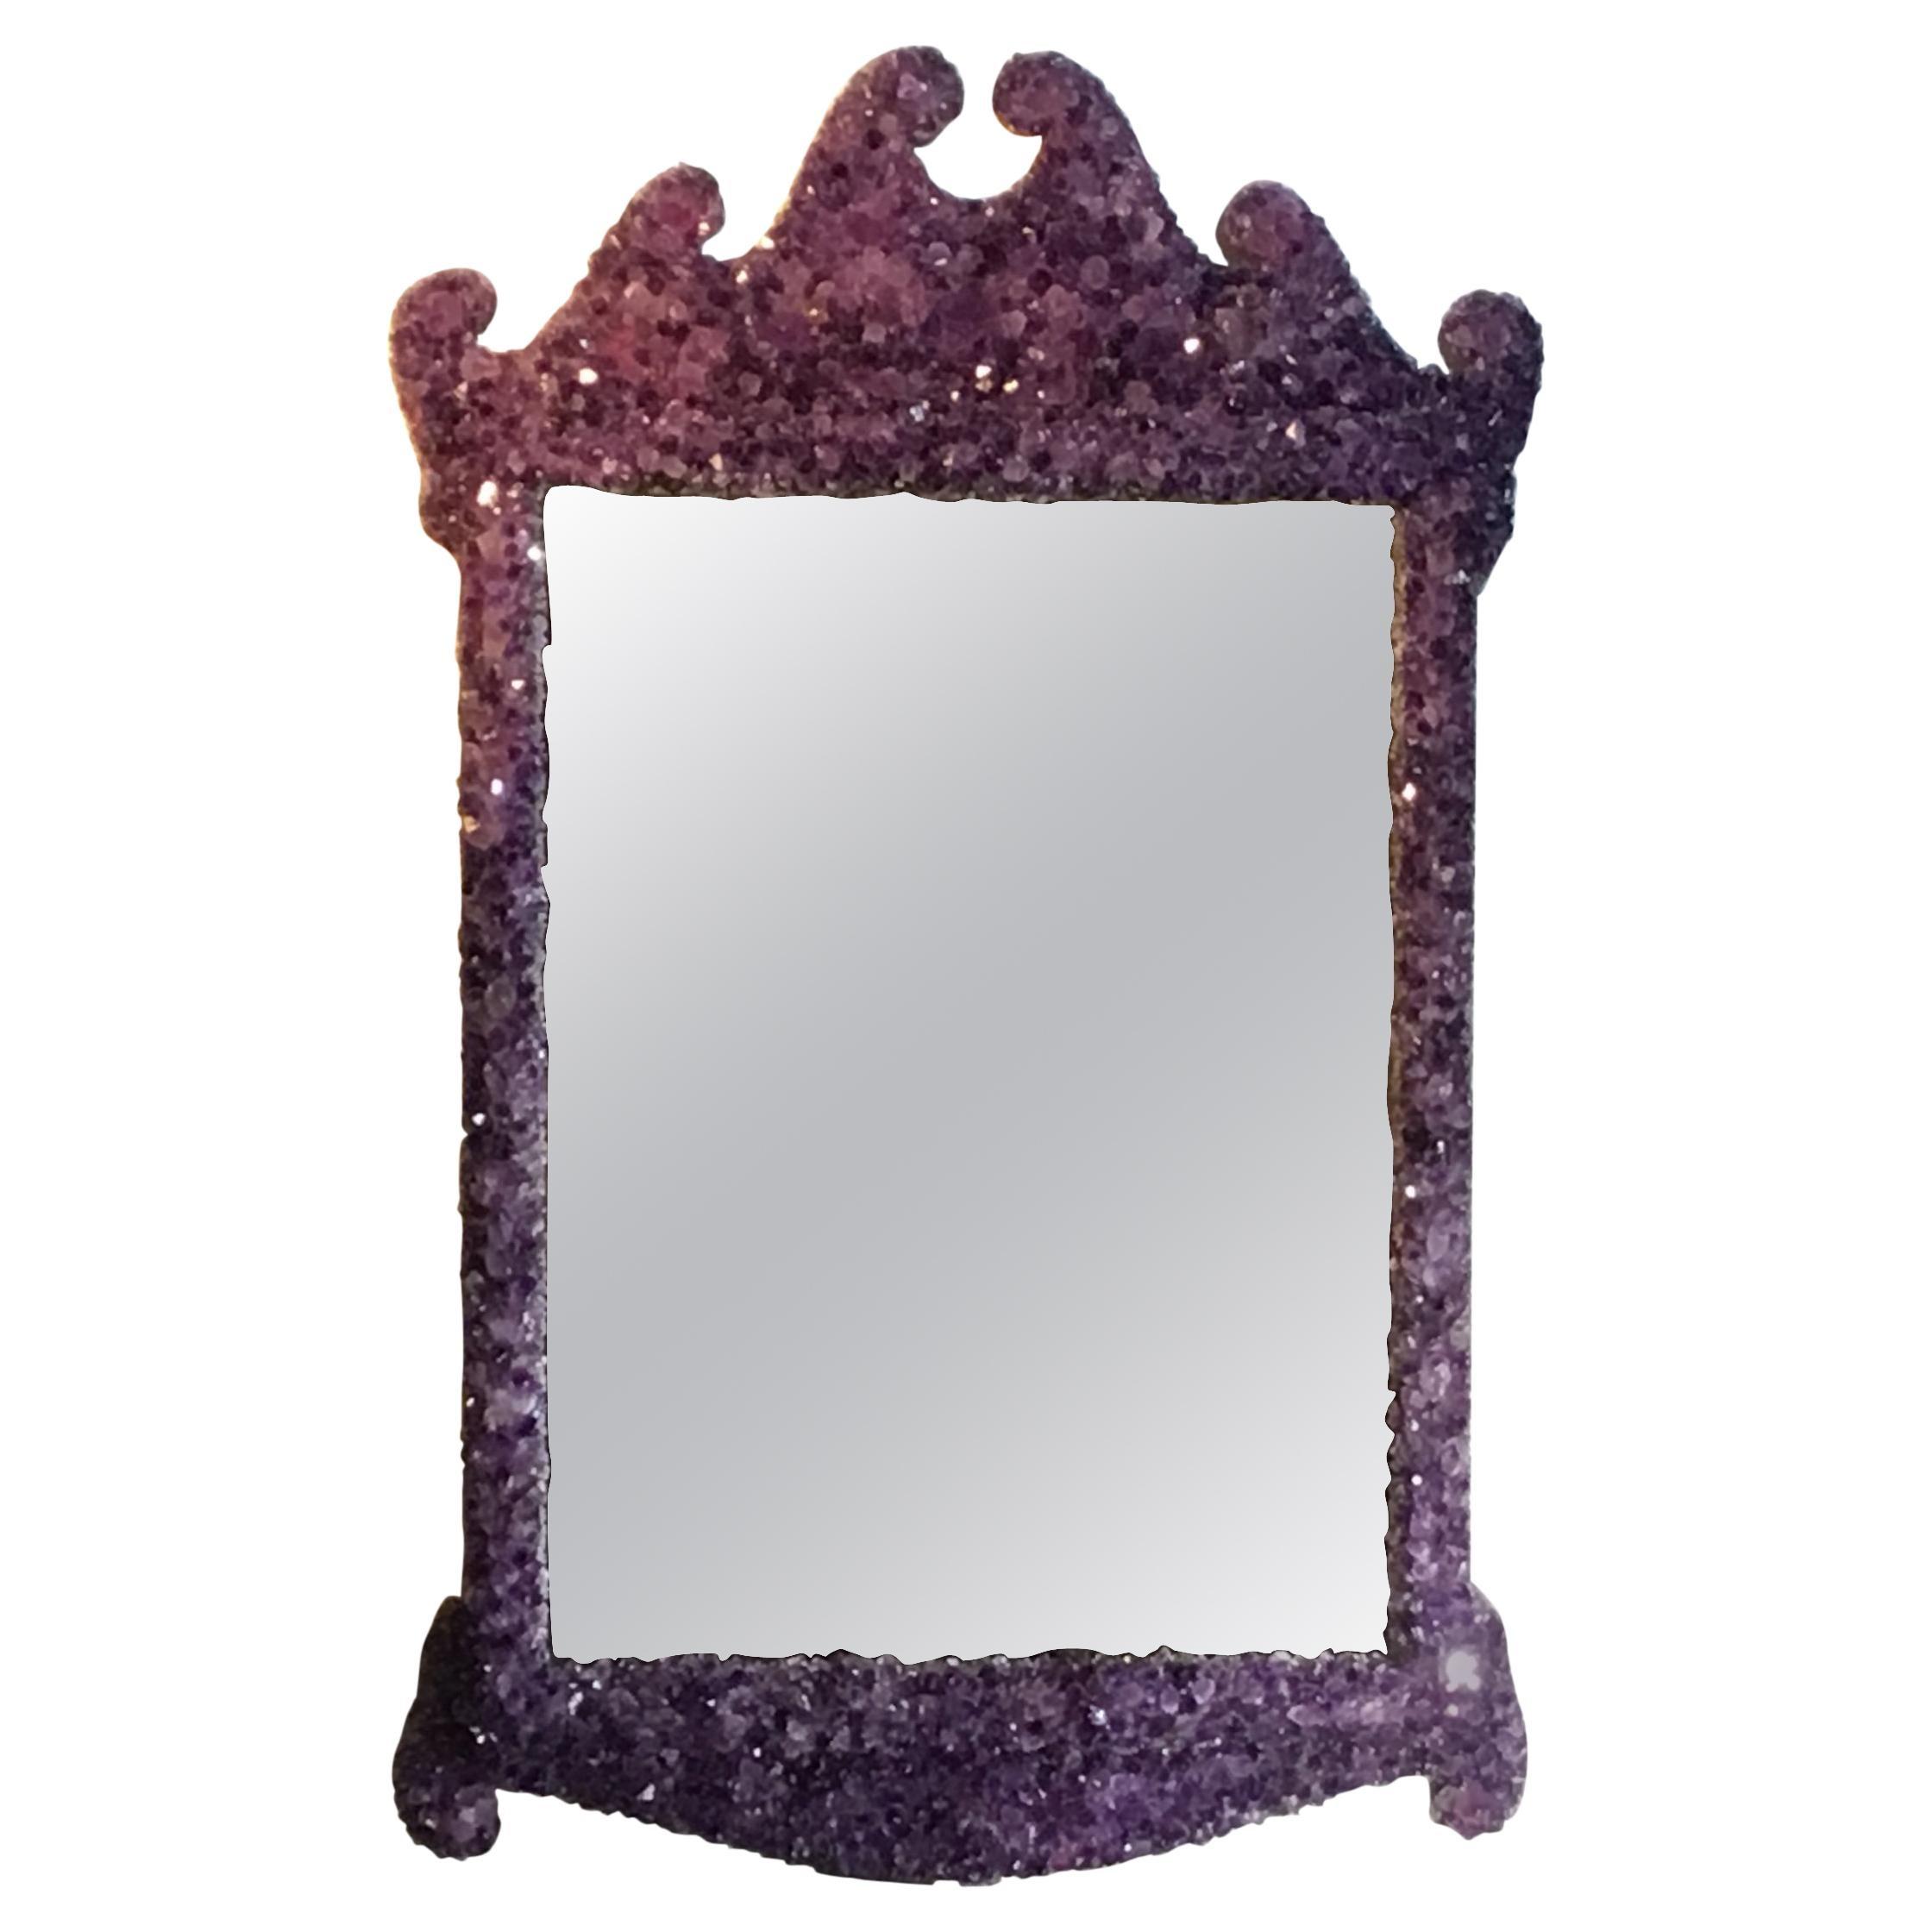 Amethyst Crystal Quartz Wall Mirror